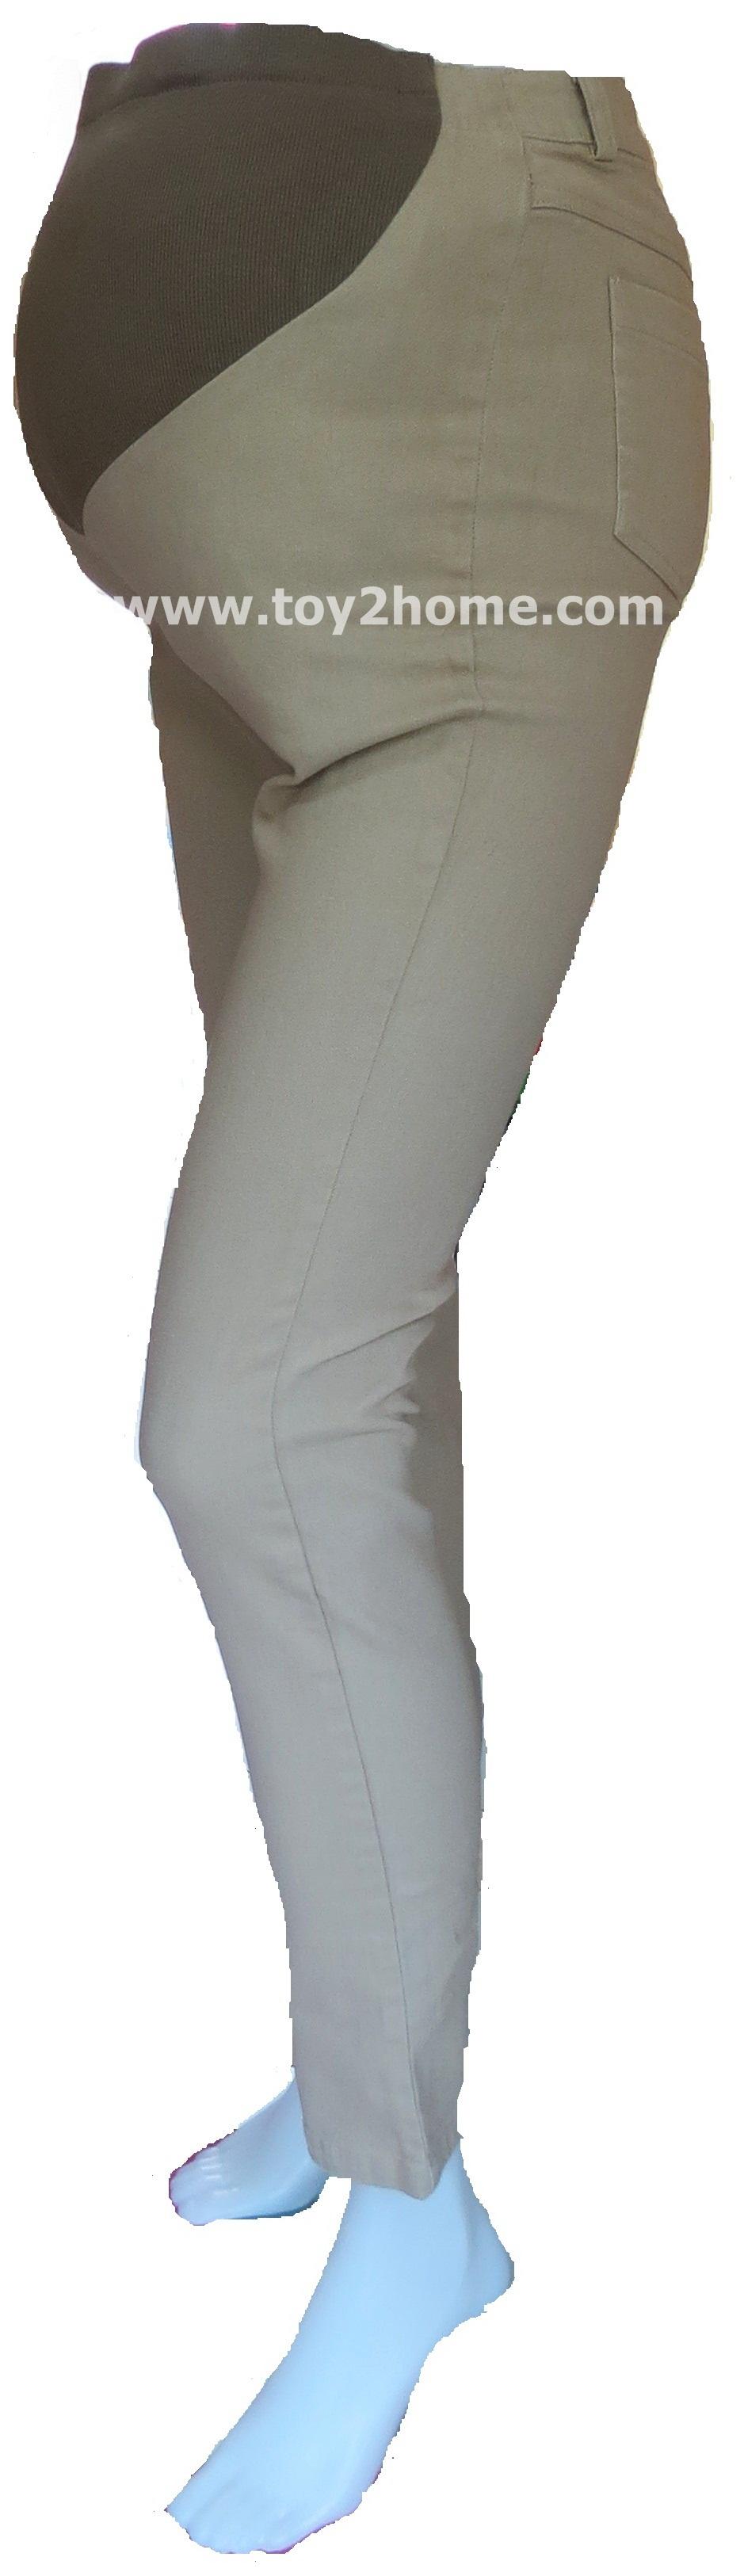 กางเกงคนท้องใส่ทำงาน (สีน้ำตาล) ผ้า SPENDEX ขายาว 9 ส่วน